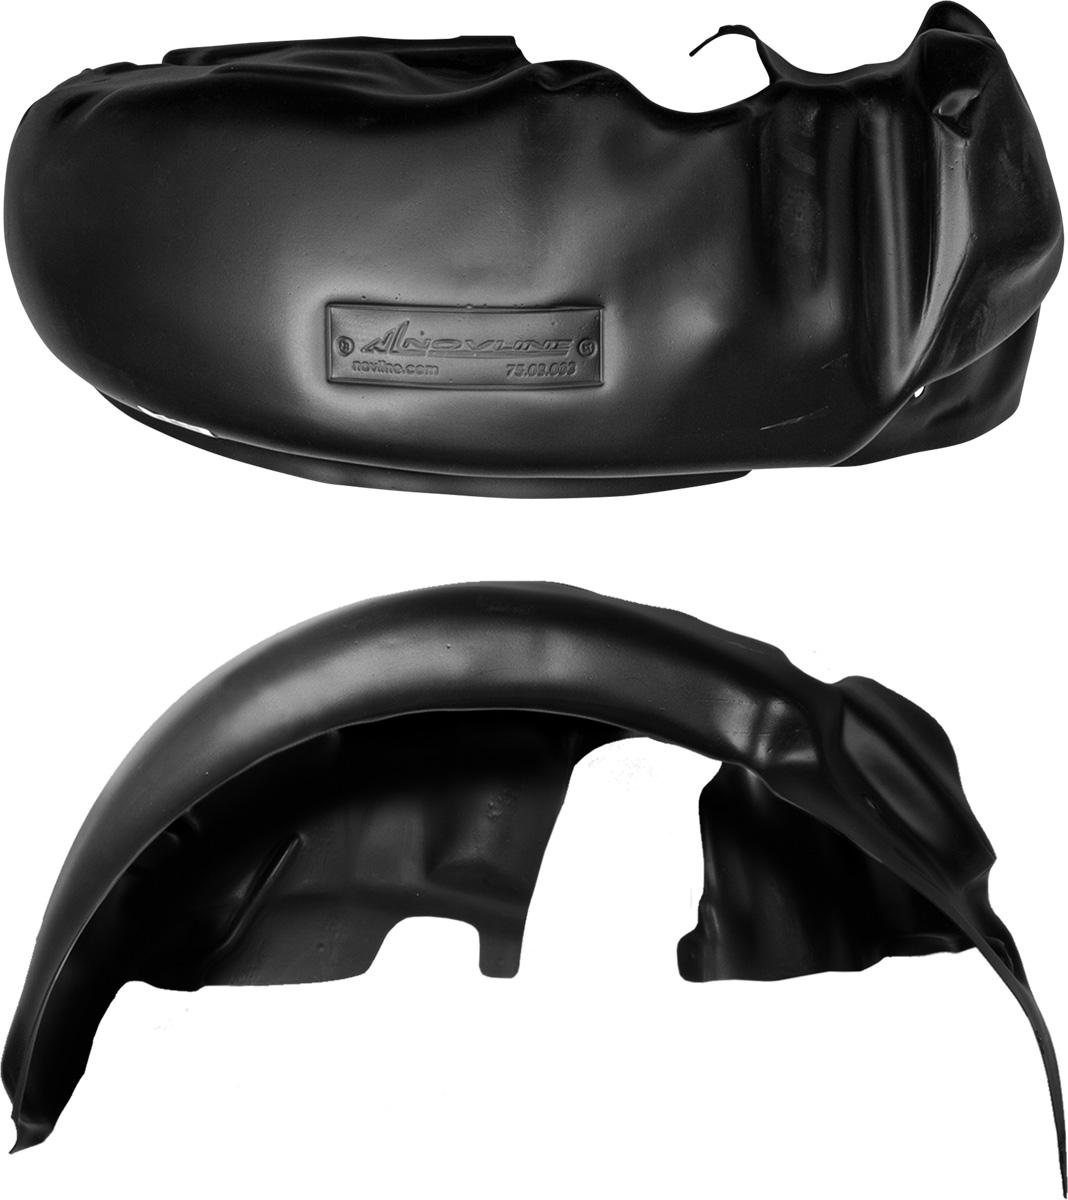 Подкрылок Novline-Autofamily, для Opel Astra H, 2007->, седан, задний левый1004900000360Колесные ниши - одни из самых уязвимых зон днища вашего автомобиля. Они постоянно подвергаются воздействию со стороны дороги. Лучшая, почти абсолютная защита для них - специально отформованные пластиковые кожухи, которые называются подкрылками. Производятся они как для отечественных моделей автомобилей, так и для иномарок. Подкрылки Novline-Autofamily выполнены из высококачественного, экологически чистого пластика. Обеспечивают надежную защиту кузова автомобиля от пескоструйного эффекта и негативного влияния, агрессивных антигололедных реагентов. Пластик обладает более низкой теплопроводностью, чем металл, поэтому в зимний период эксплуатации использование пластиковых подкрылков позволяет лучше защитить колесные ниши от налипания снега и образования наледи. Оригинальность конструкции подчеркивает элегантность автомобиля, бережно защищает нанесенное на днище кузова антикоррозийное покрытие и позволяет осуществить крепление подкрылков внутри колесной арки практически без дополнительного крепежа и сверления, не нарушая при этом лакокрасочного покрытия, что предотвращает возникновение новых очагов коррозии. Подкрылки долговечны, обладают высокой прочностью и сохраняют заданную форму, а также все свои физико-механические характеристики в самых тяжелых климатических условиях (от -50°С до +50°С).Уважаемые клиенты!Обращаем ваше внимание, на тот факт, что подкрылок имеет форму, соответствующую модели данного автомобиля. Фото служит для визуального восприятия товара.